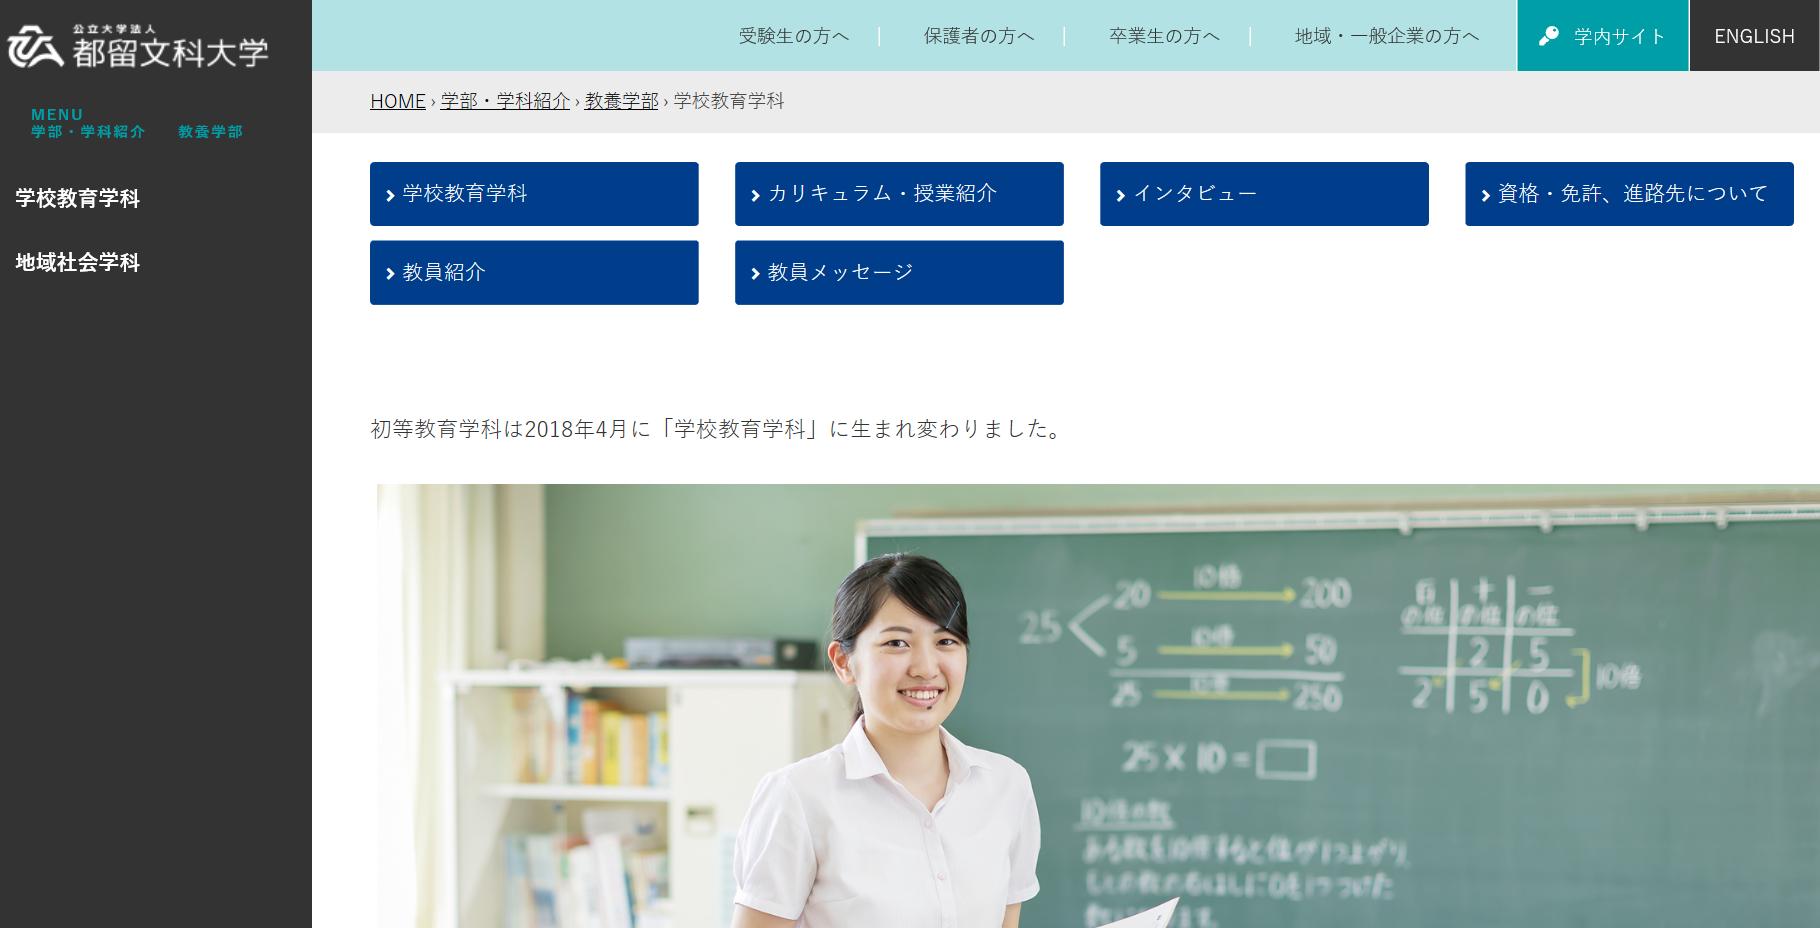 都留文科大学の評判・口コミ【教養学部編】